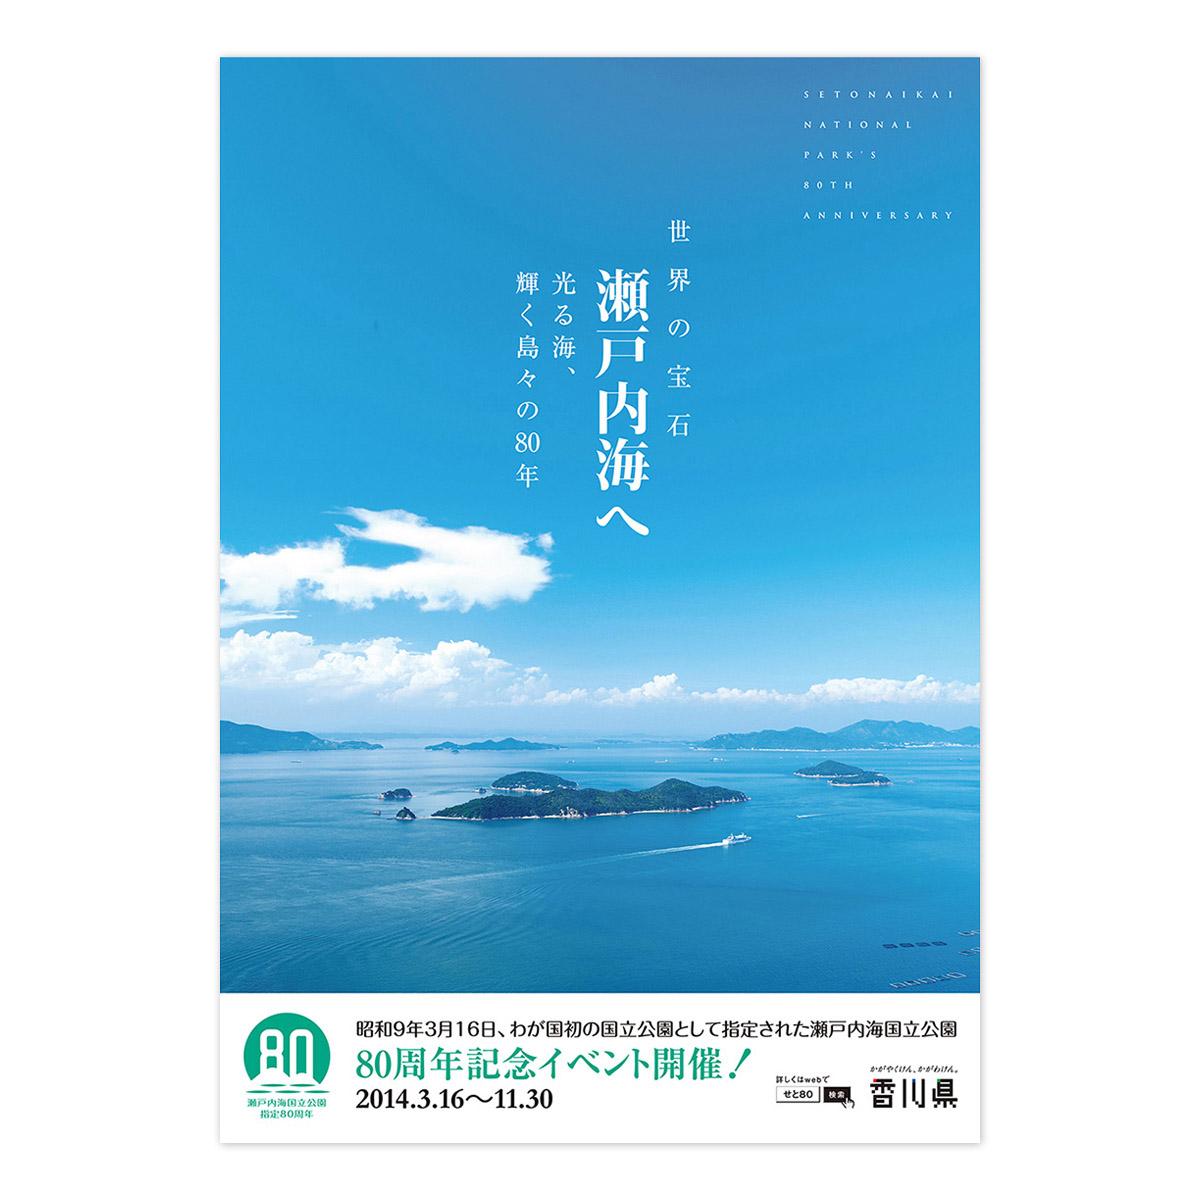 瀬戸内海国立公園指定80周年 ポスター